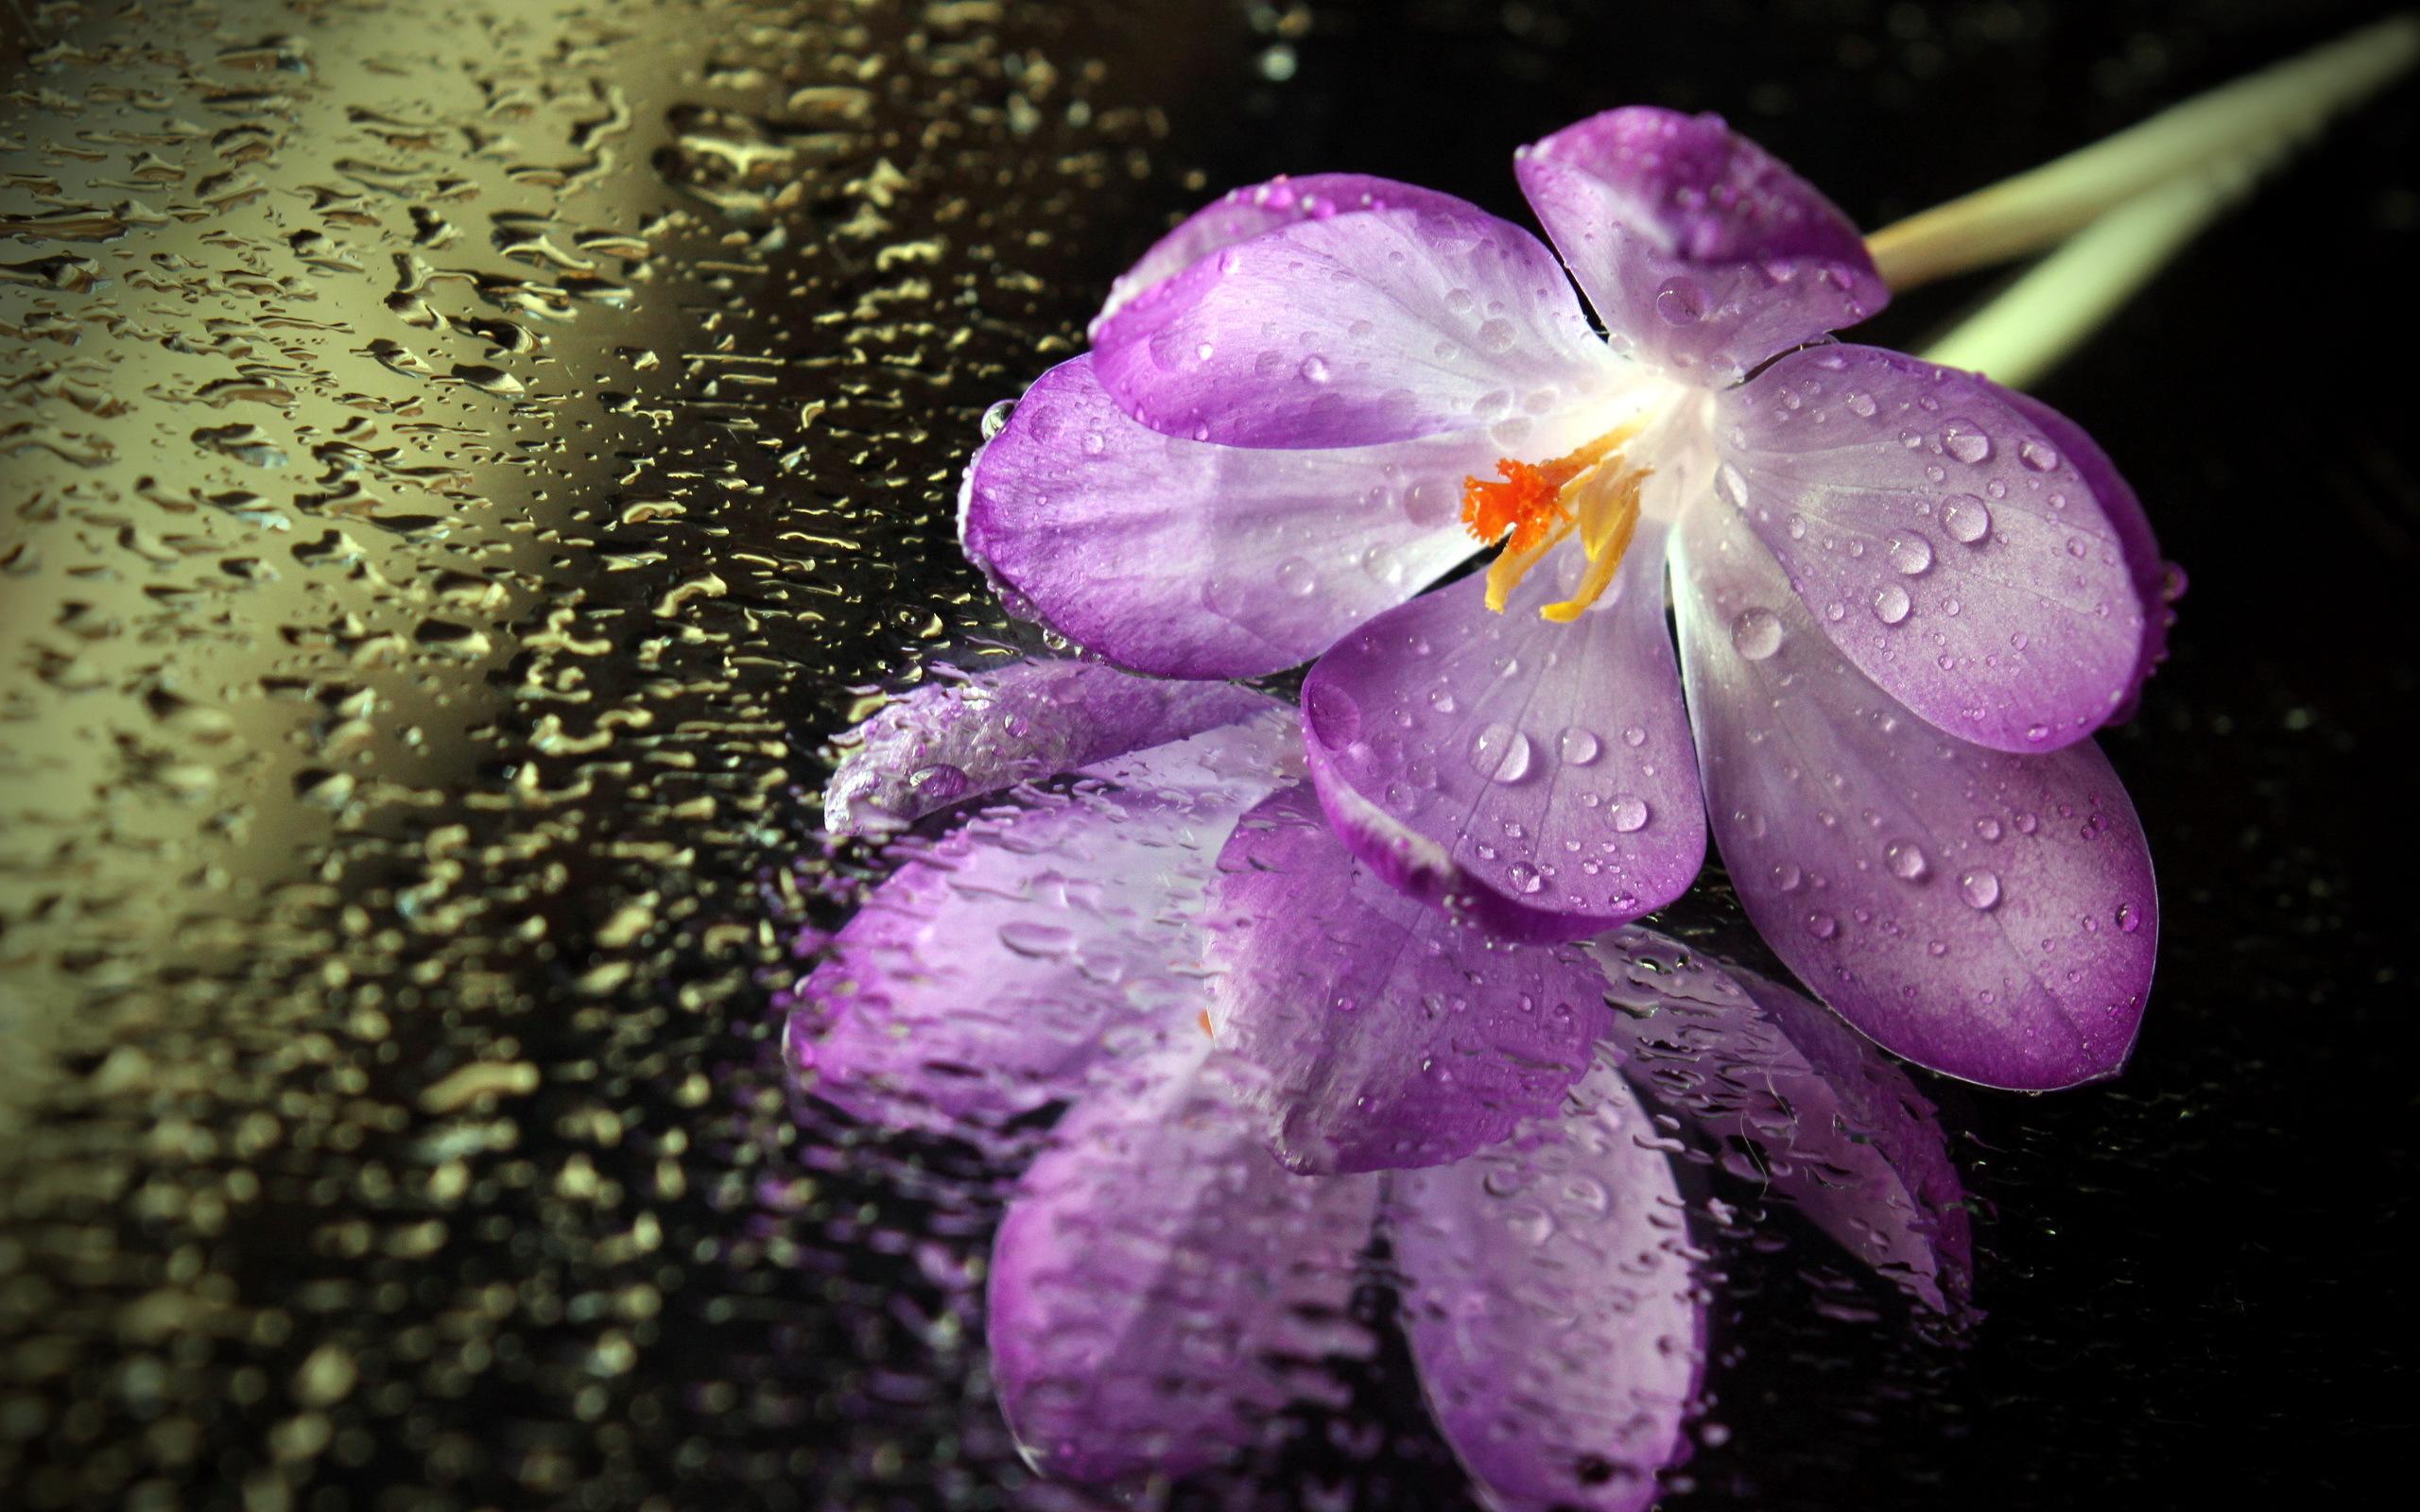 обои на раб стол цветы вода № 635536 загрузить